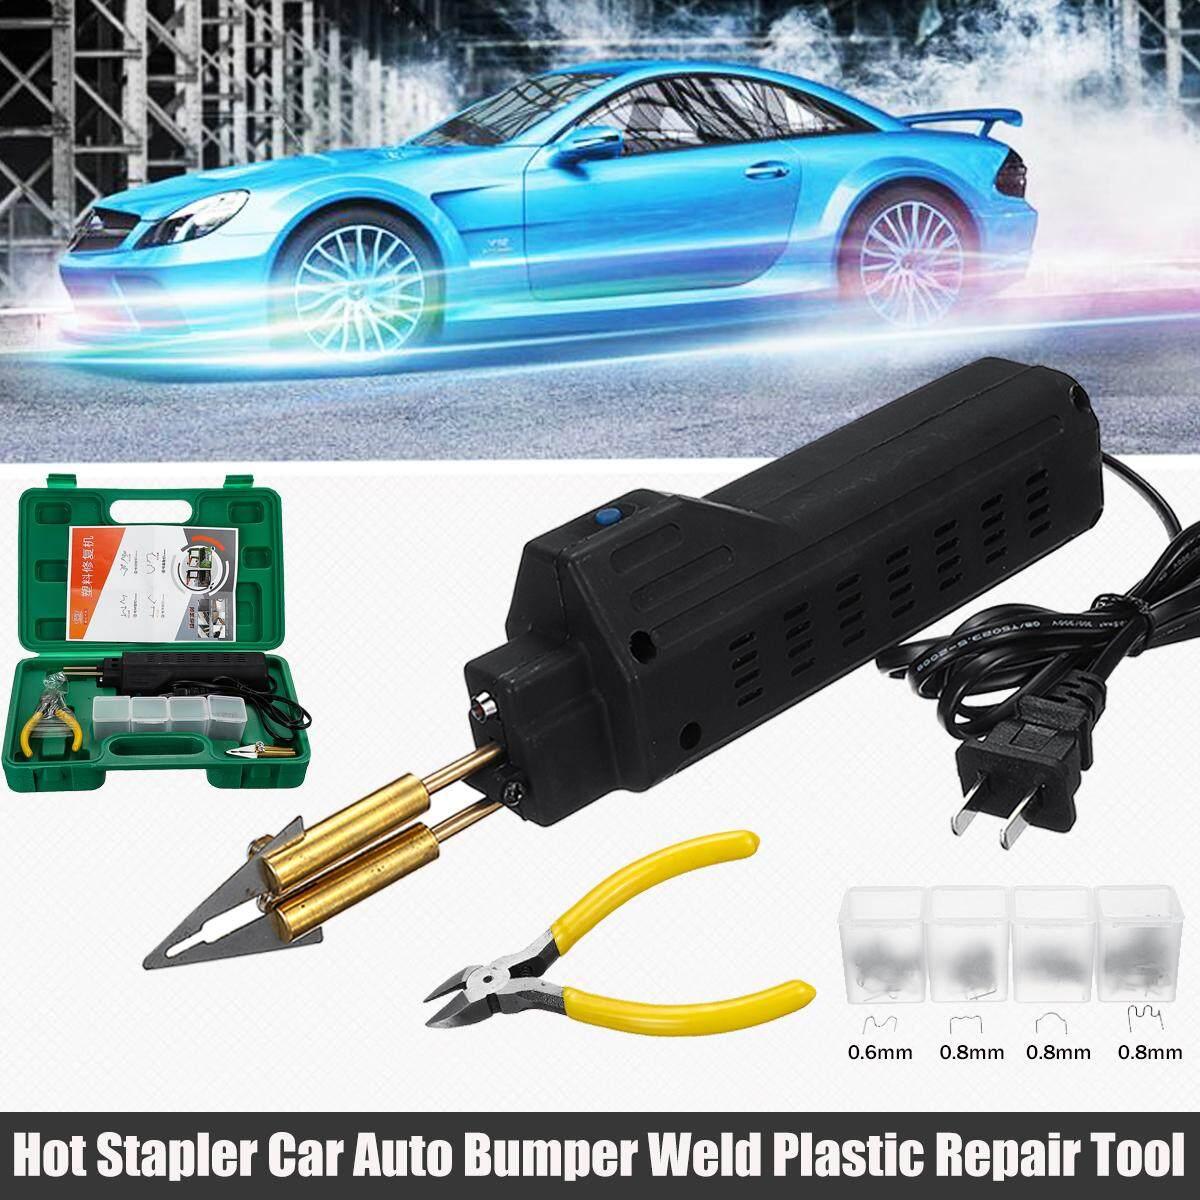 Hot Stapler Car Bumper Fender Fairing Welder Staples Plastic Repair Kit 220V